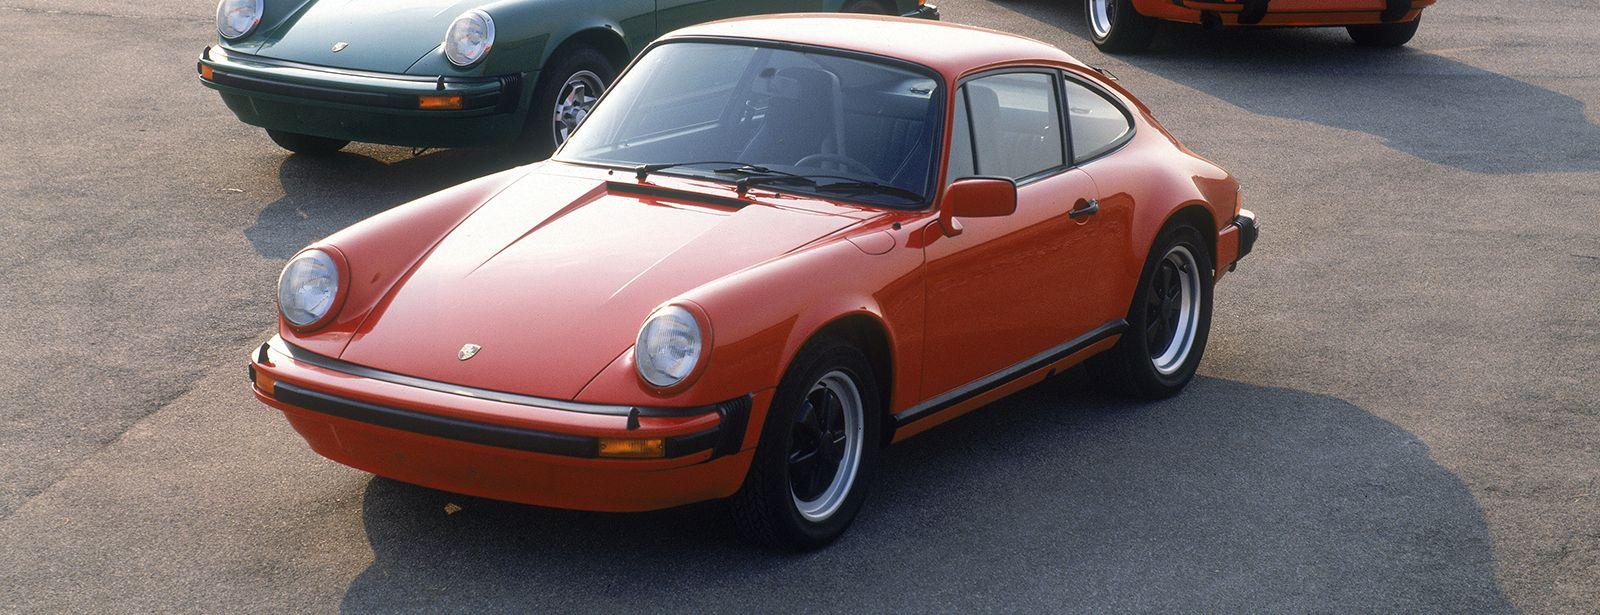 Porsche 911 SC 1978-1983